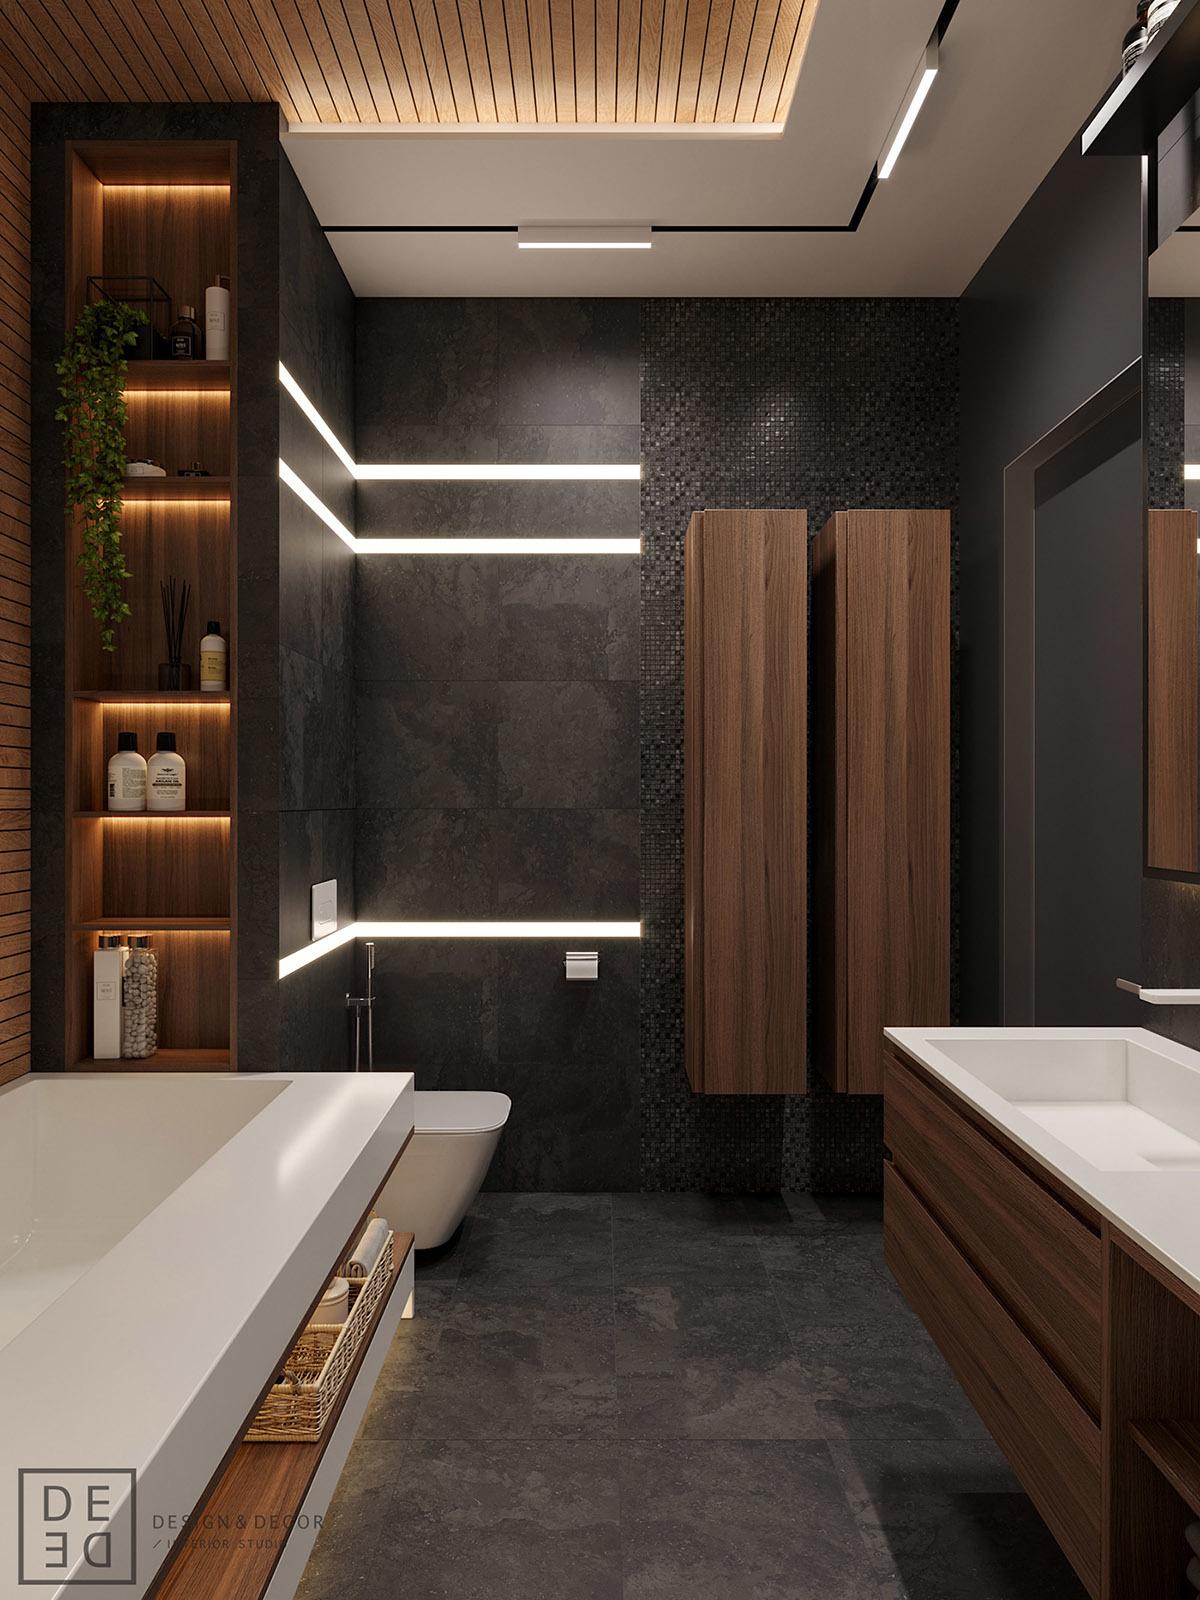 Sötétszürke fürdőszoba rejtett világítással